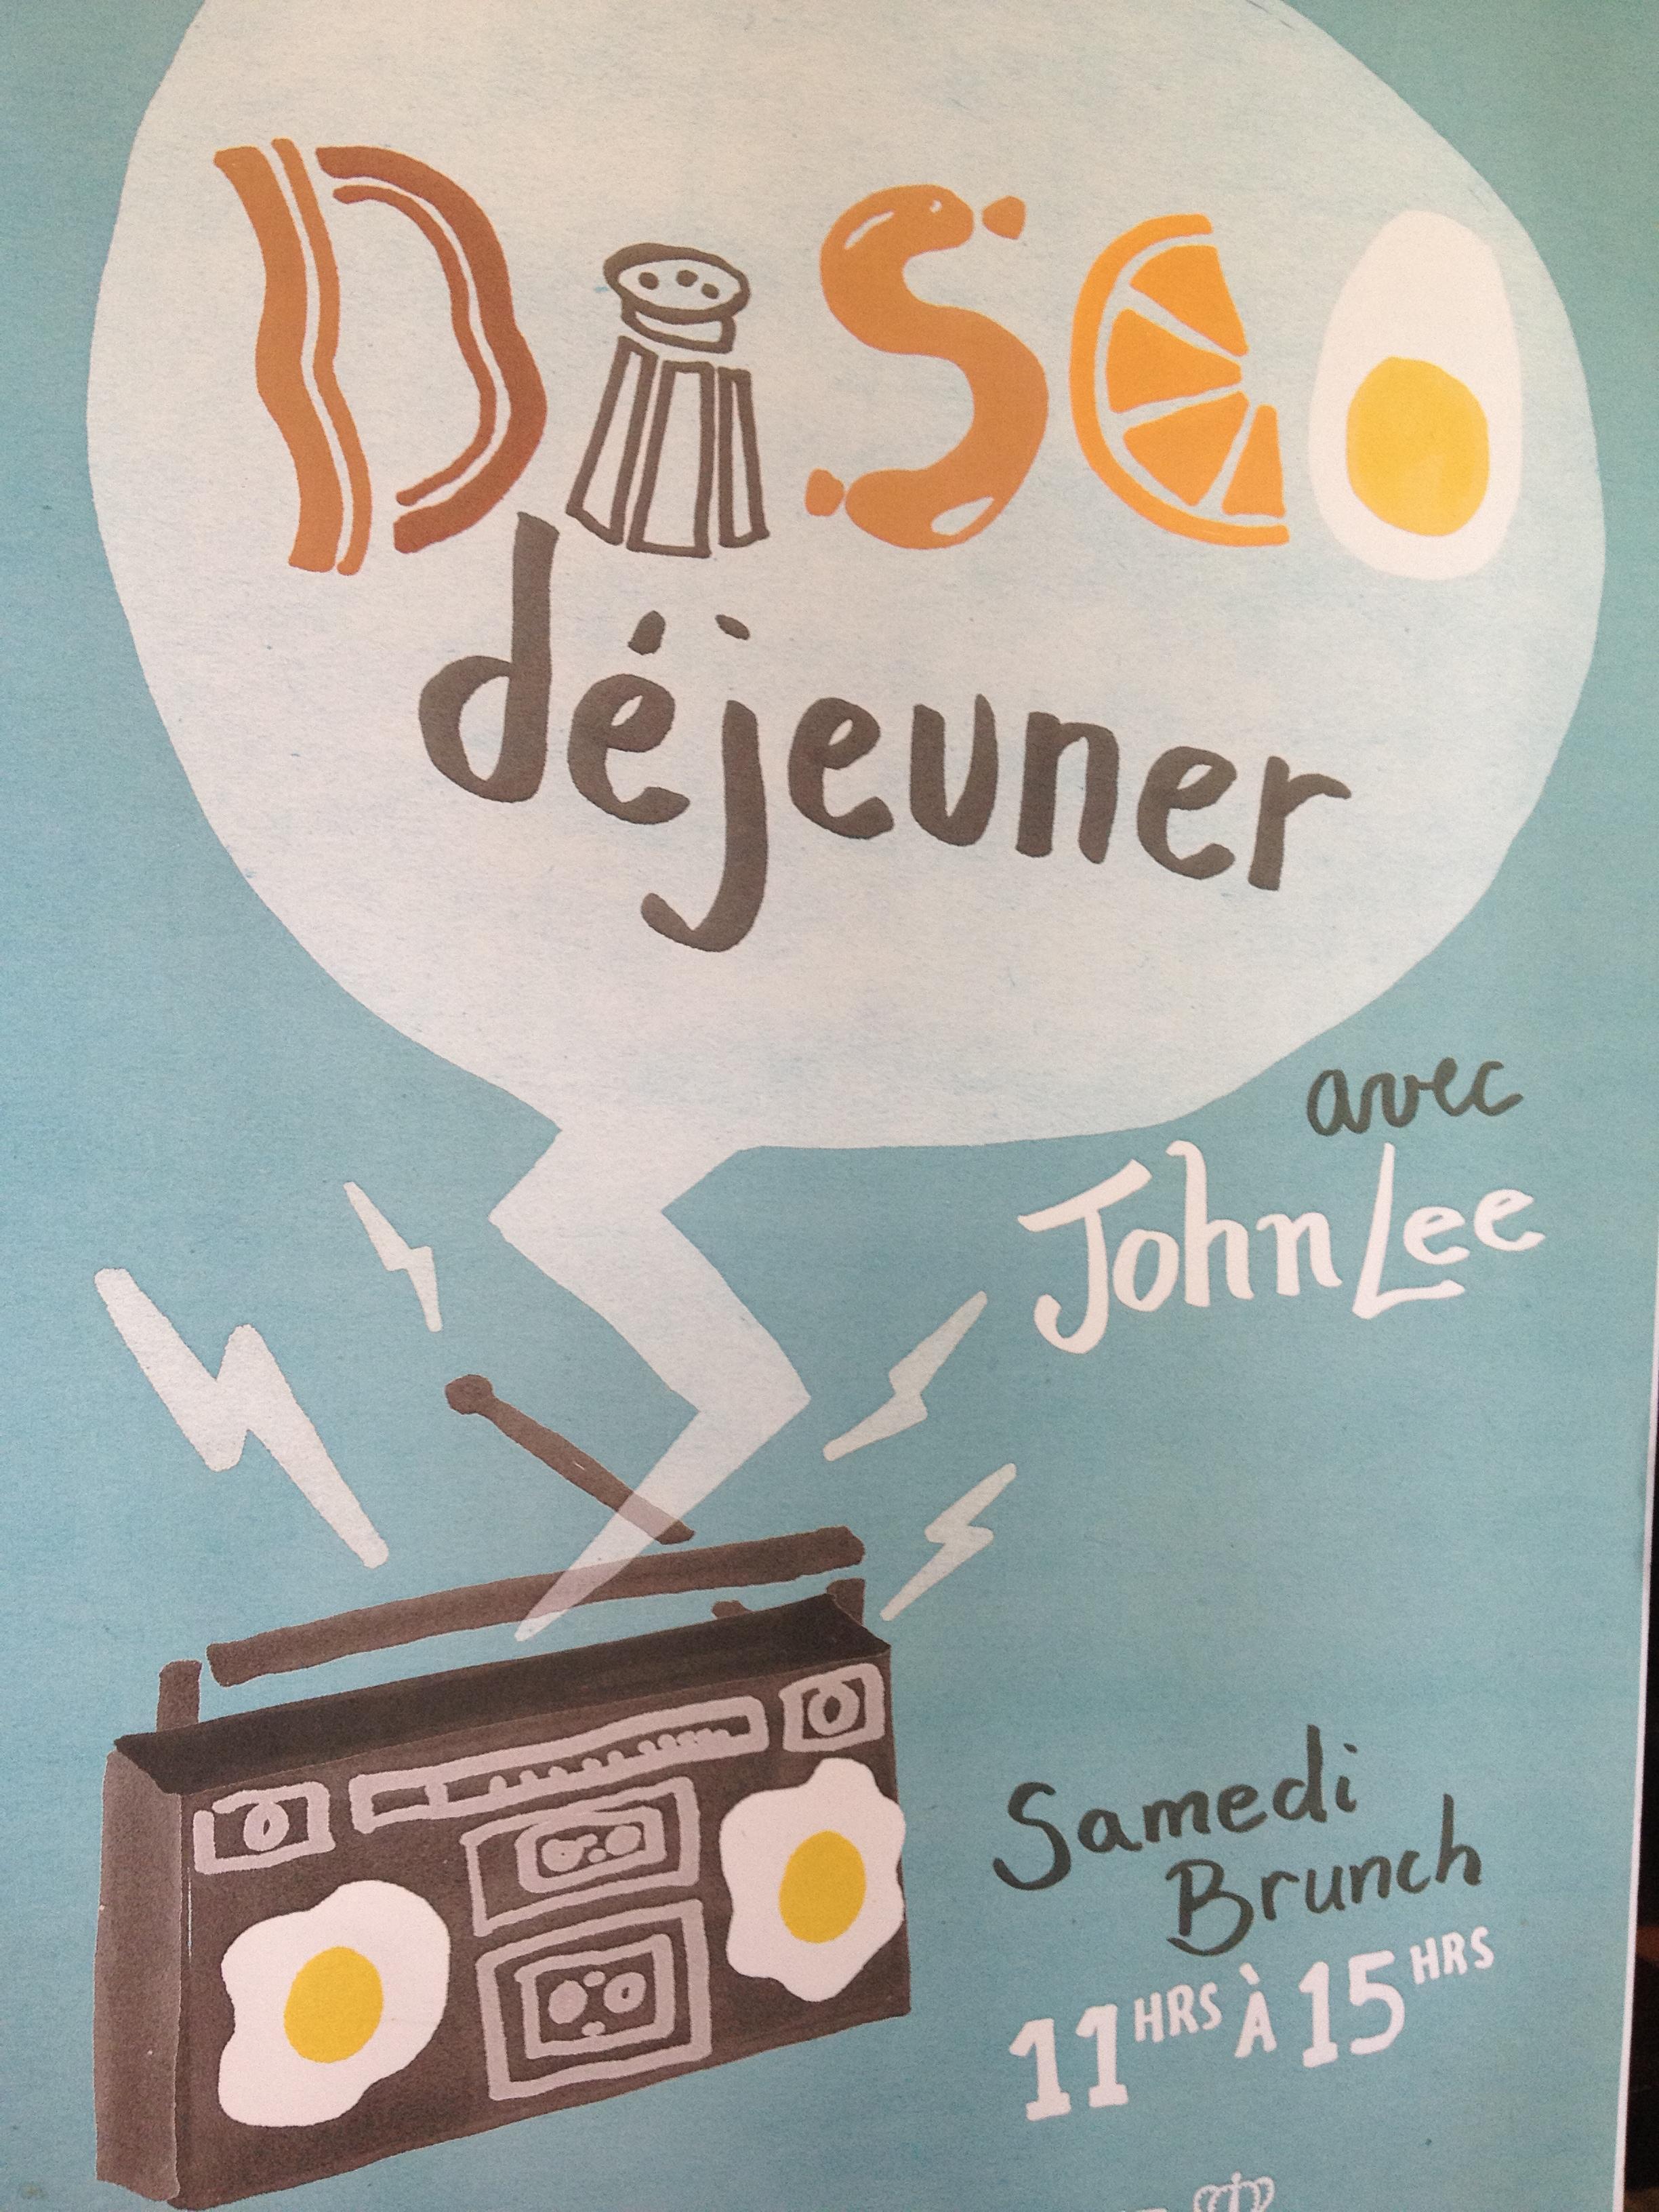 Disco Déjeuner at Nouveau Palais